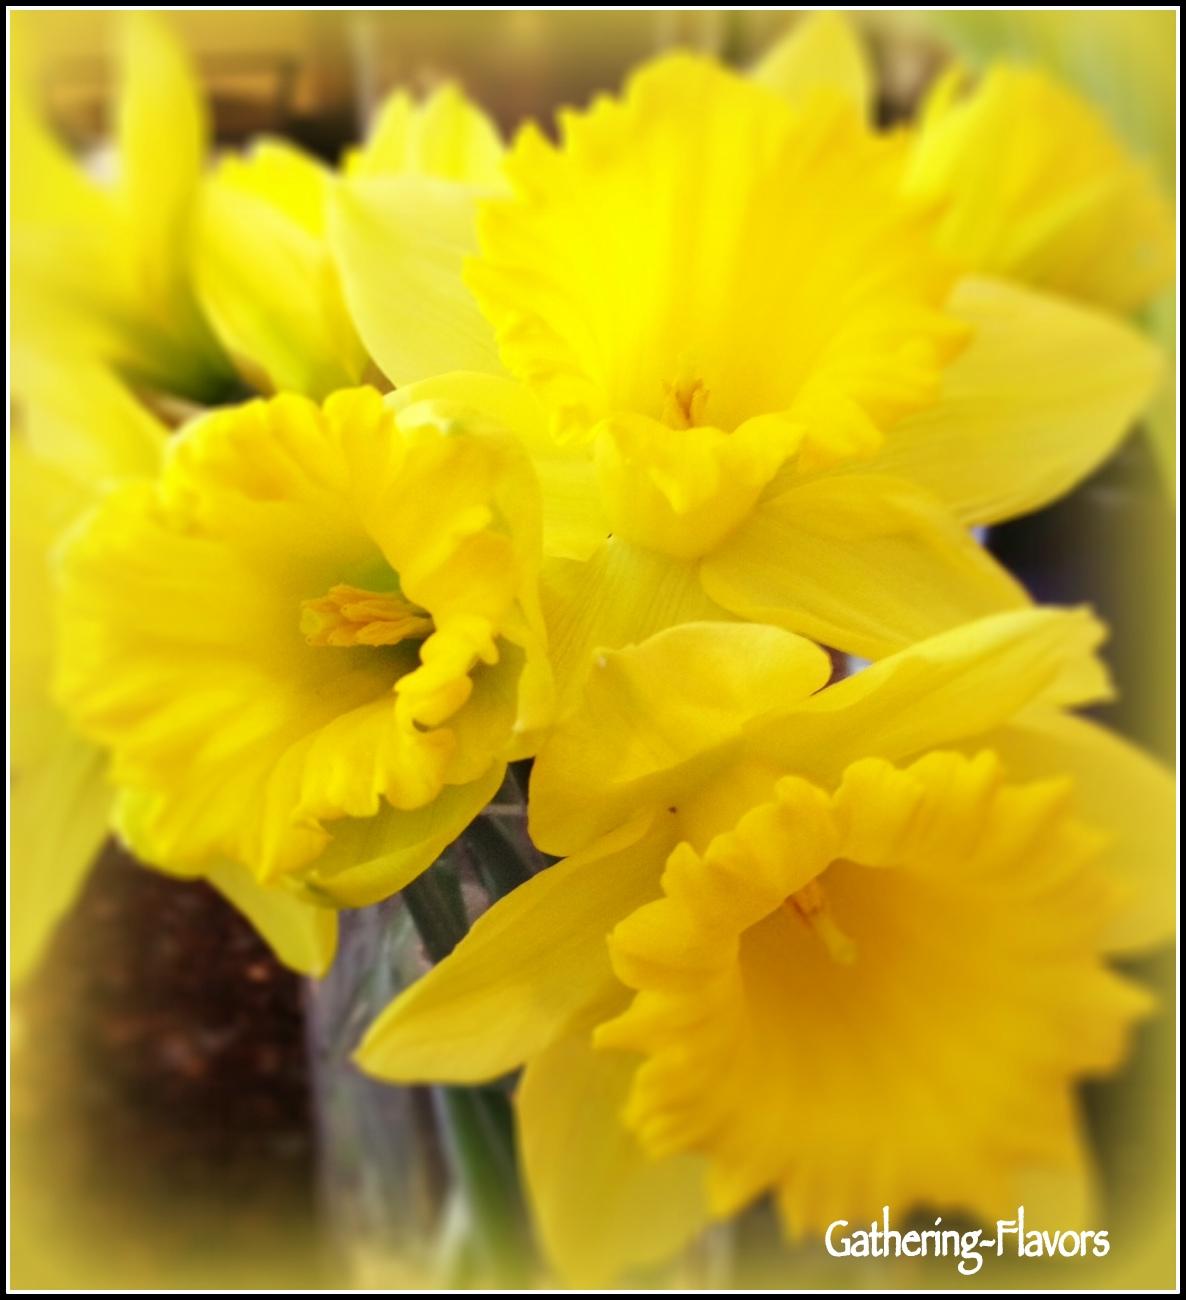 Wattermarked Daffodils Upclose